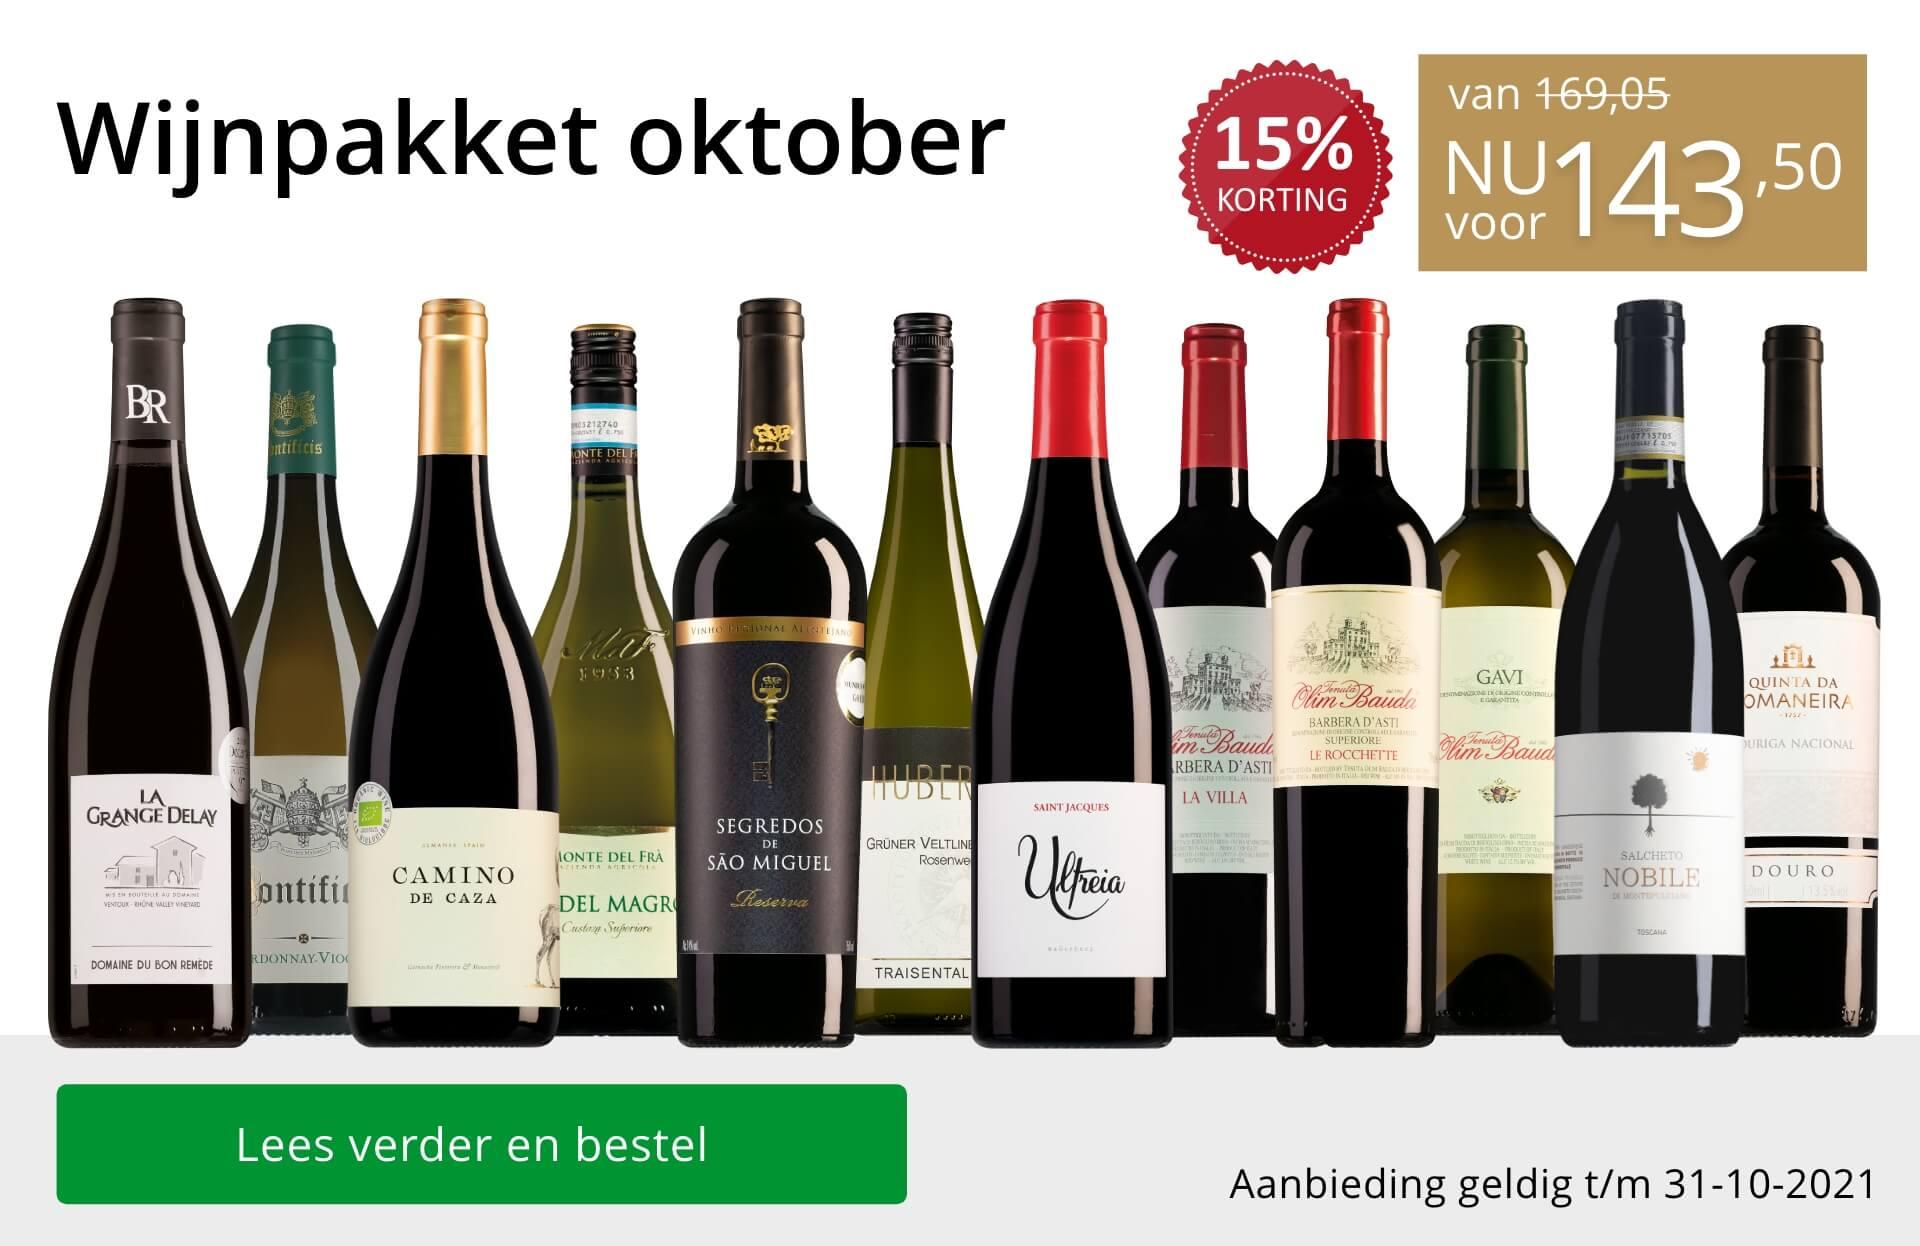 Wijnpakket wijnbericht oktober 2021 - goud/zwart